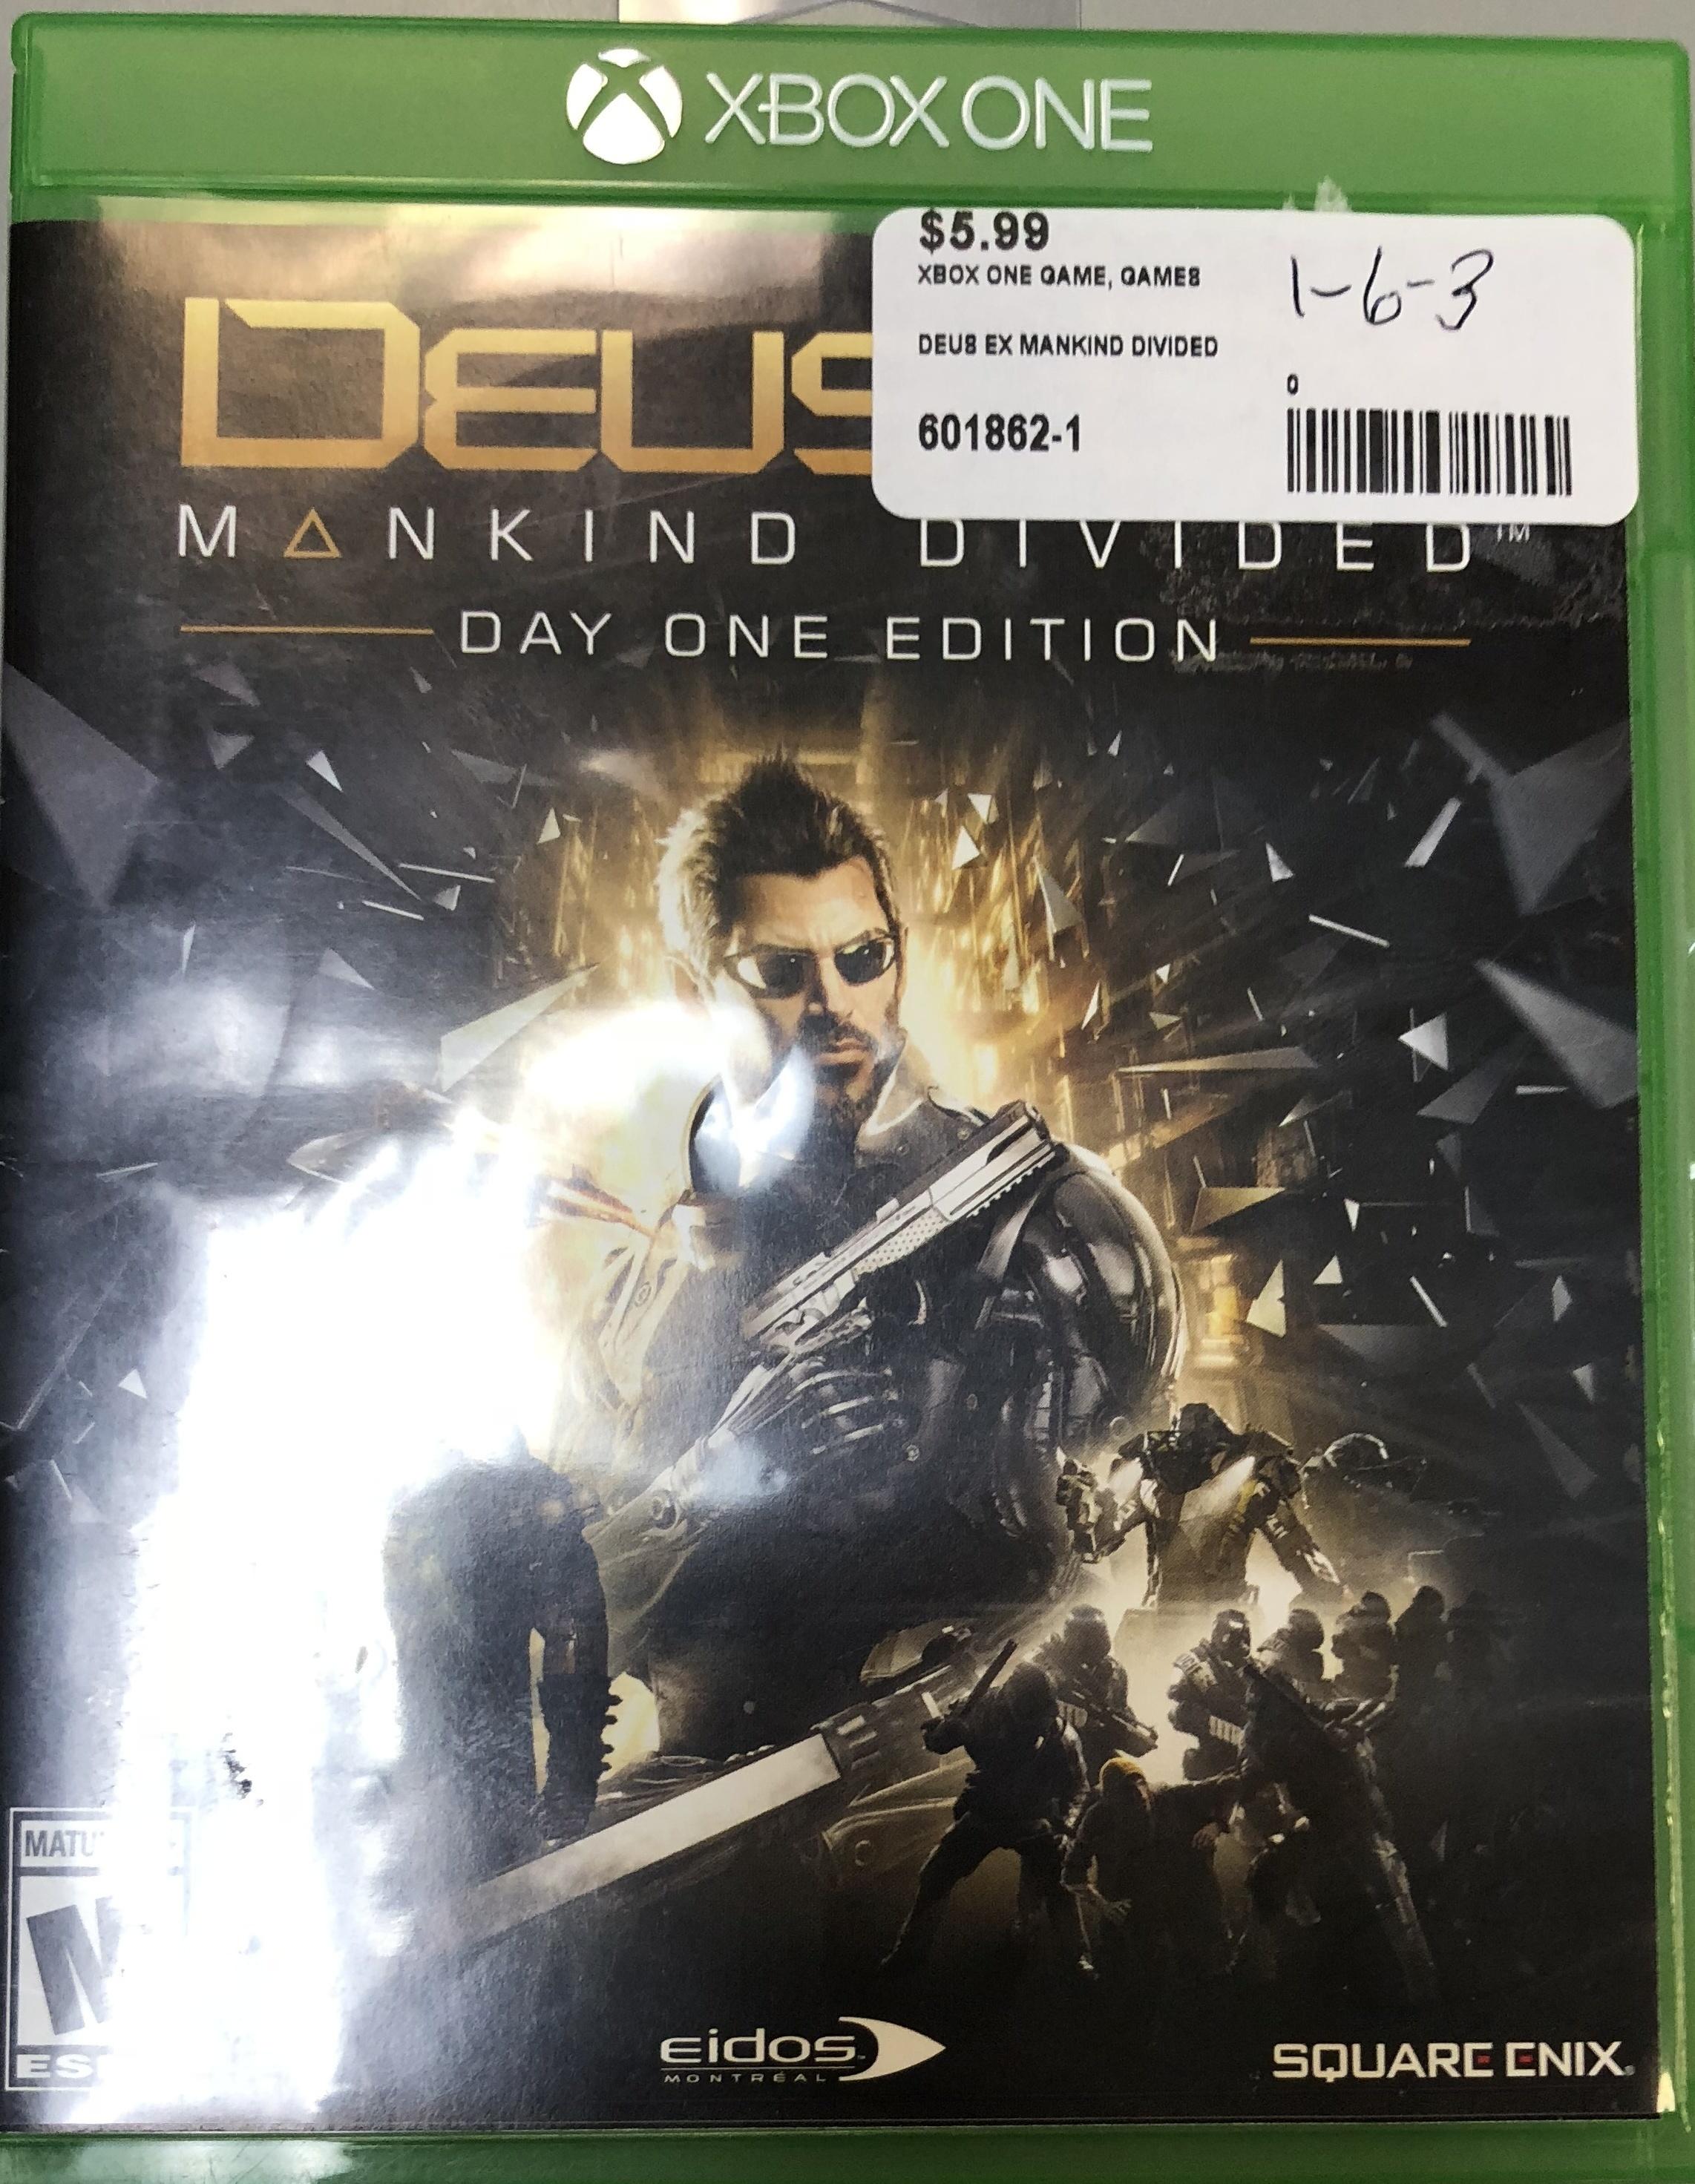 Deus Ex Mankind jDivided